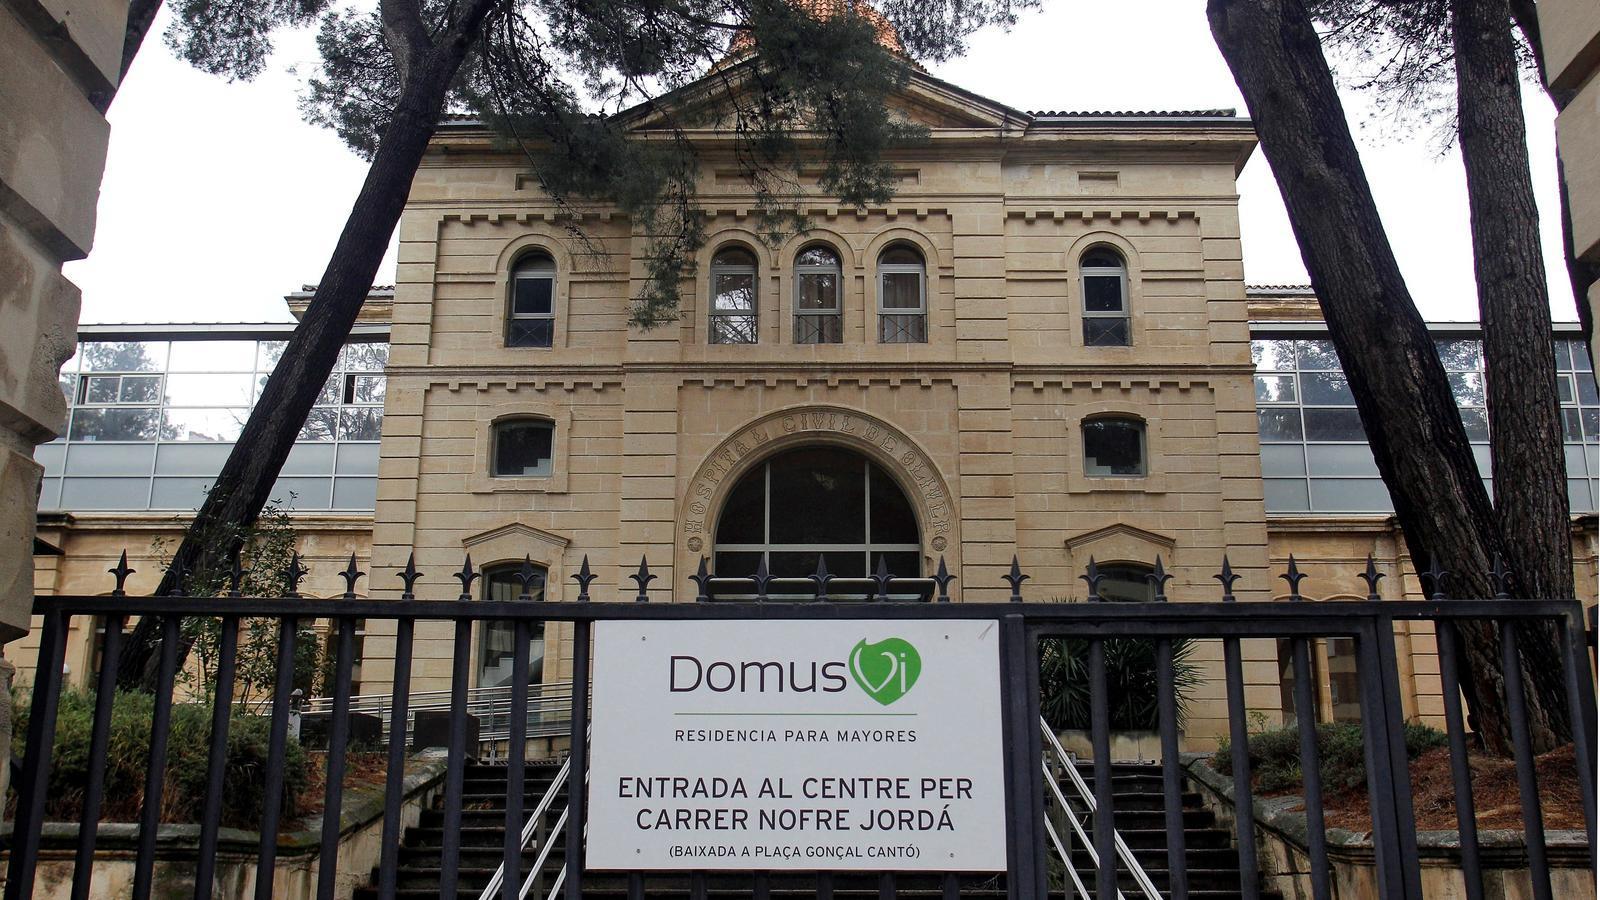 Façana de la residència Domus Vi d'Alcoi on s'han registrat 26 morts per coronavirus